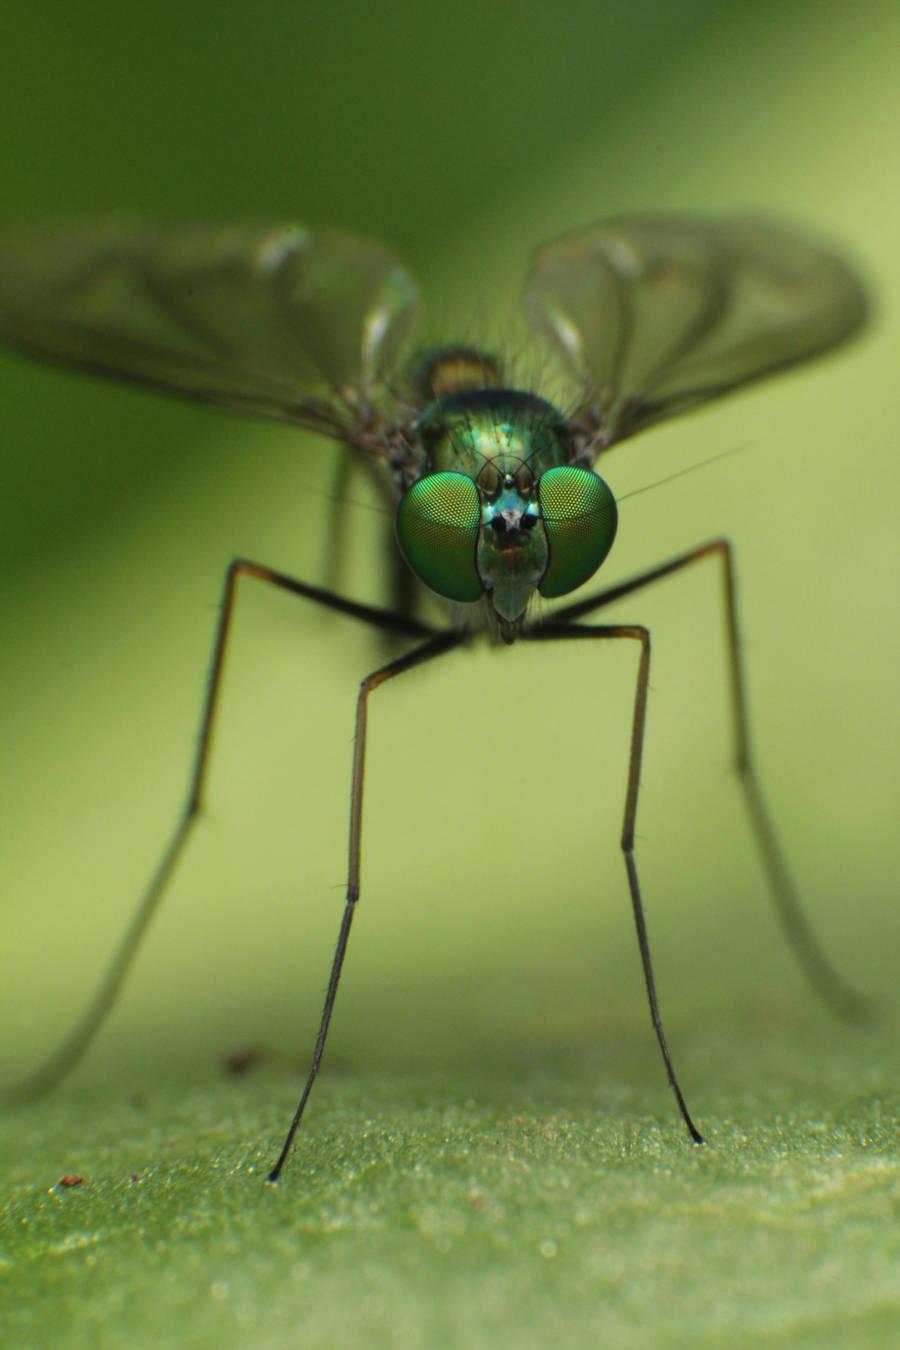 Dolichopodidae-fly2 by RichardjJones